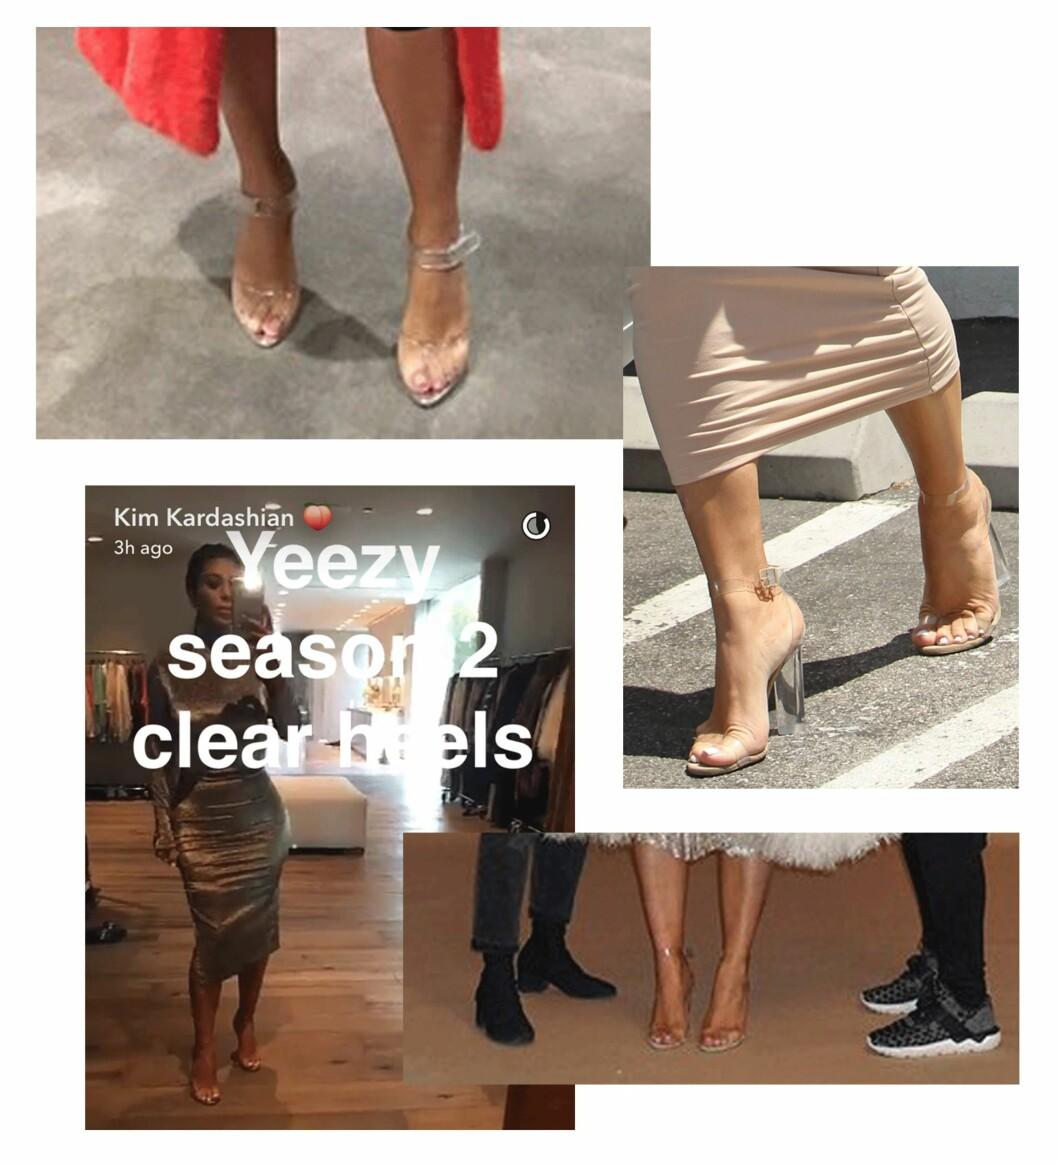 GJENNOMSIKTIGE SKO: Kim Kardashian har falt helt pladask for disse hælene! Kanskje fordi ektemannen Kanye West har laget dem? Foto: Scanpix